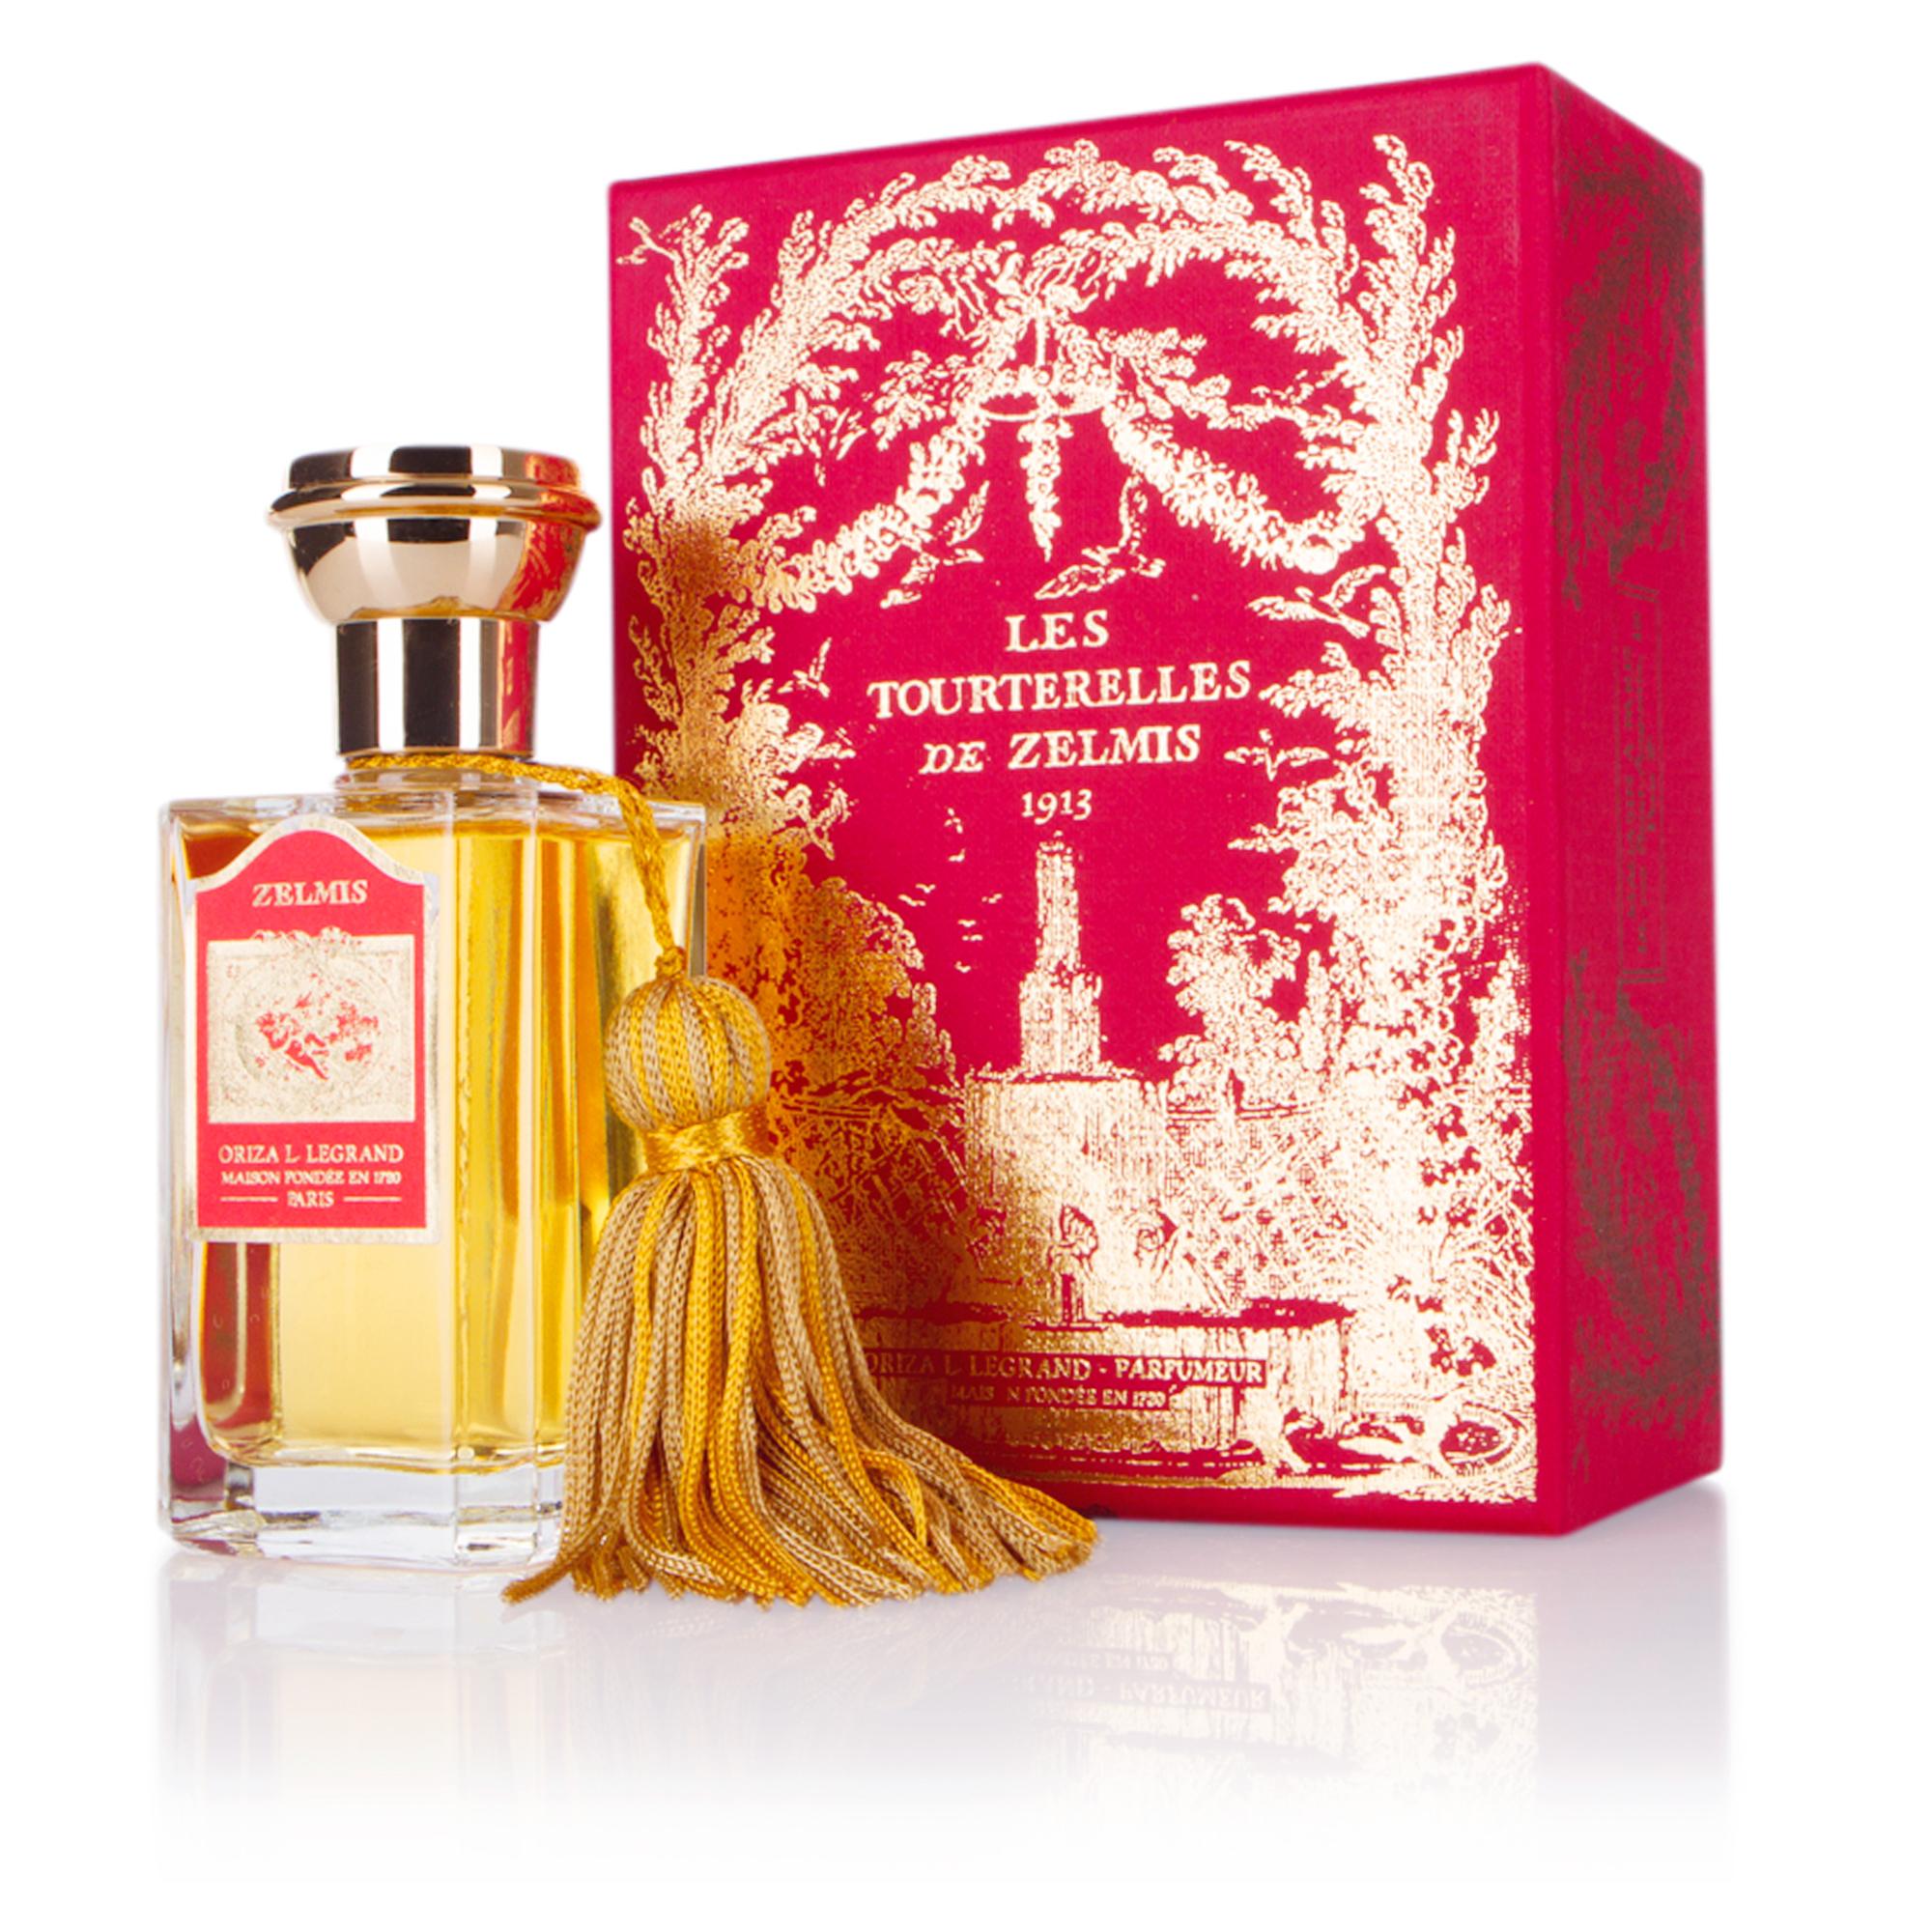 ORIZA L.LEGRAND Les Tourterelles de Zelmis Eau de Parfum 100 ml